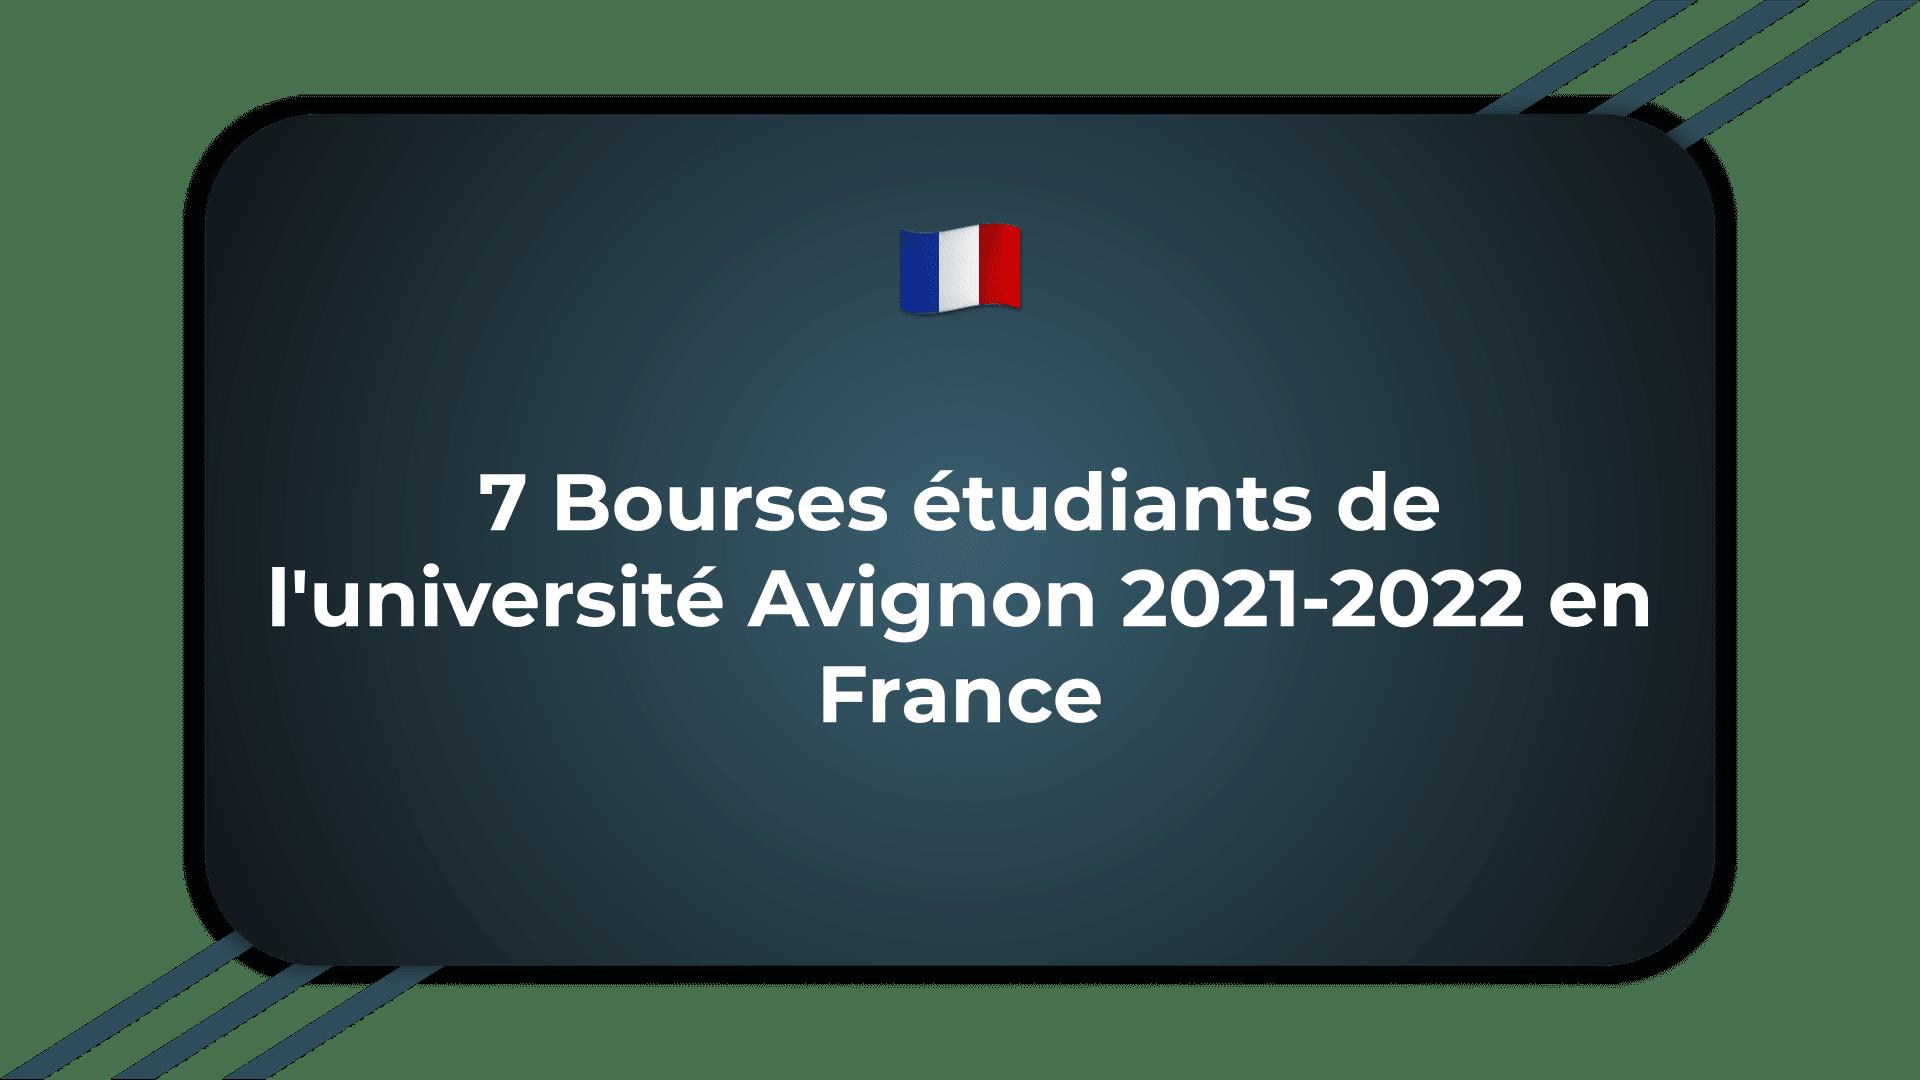 Bourses étudiants de l'université Avignon